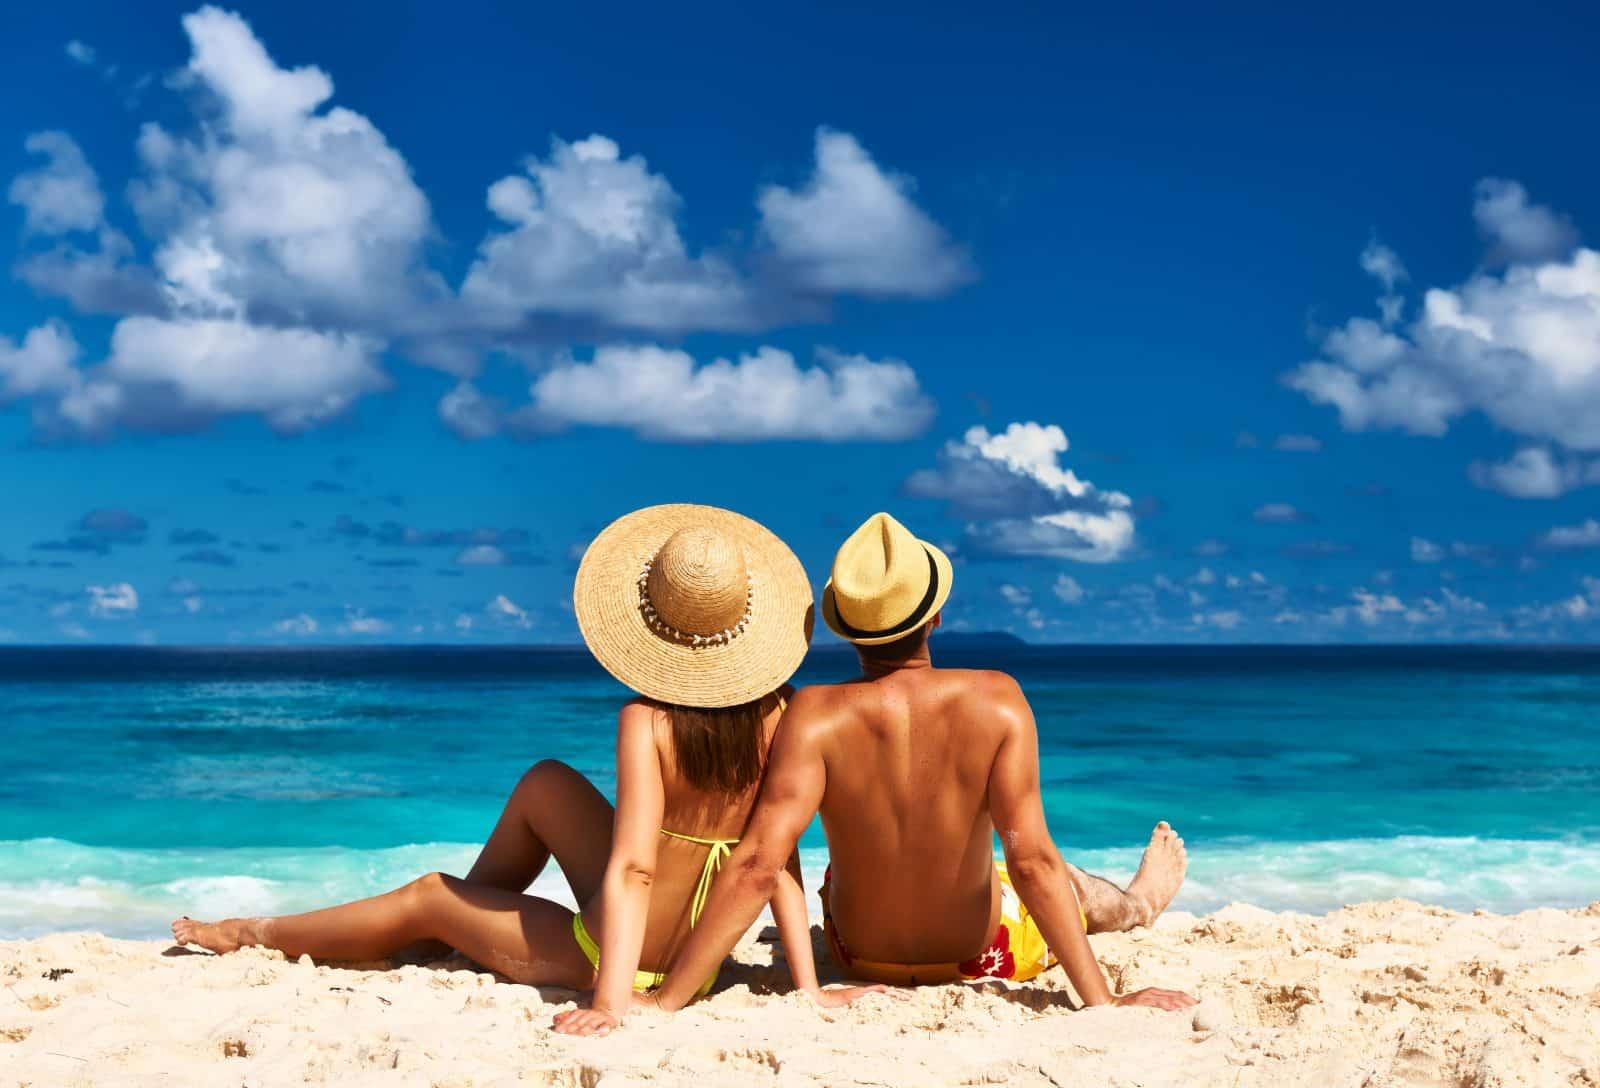 Stelletje op het strand met hoeden op